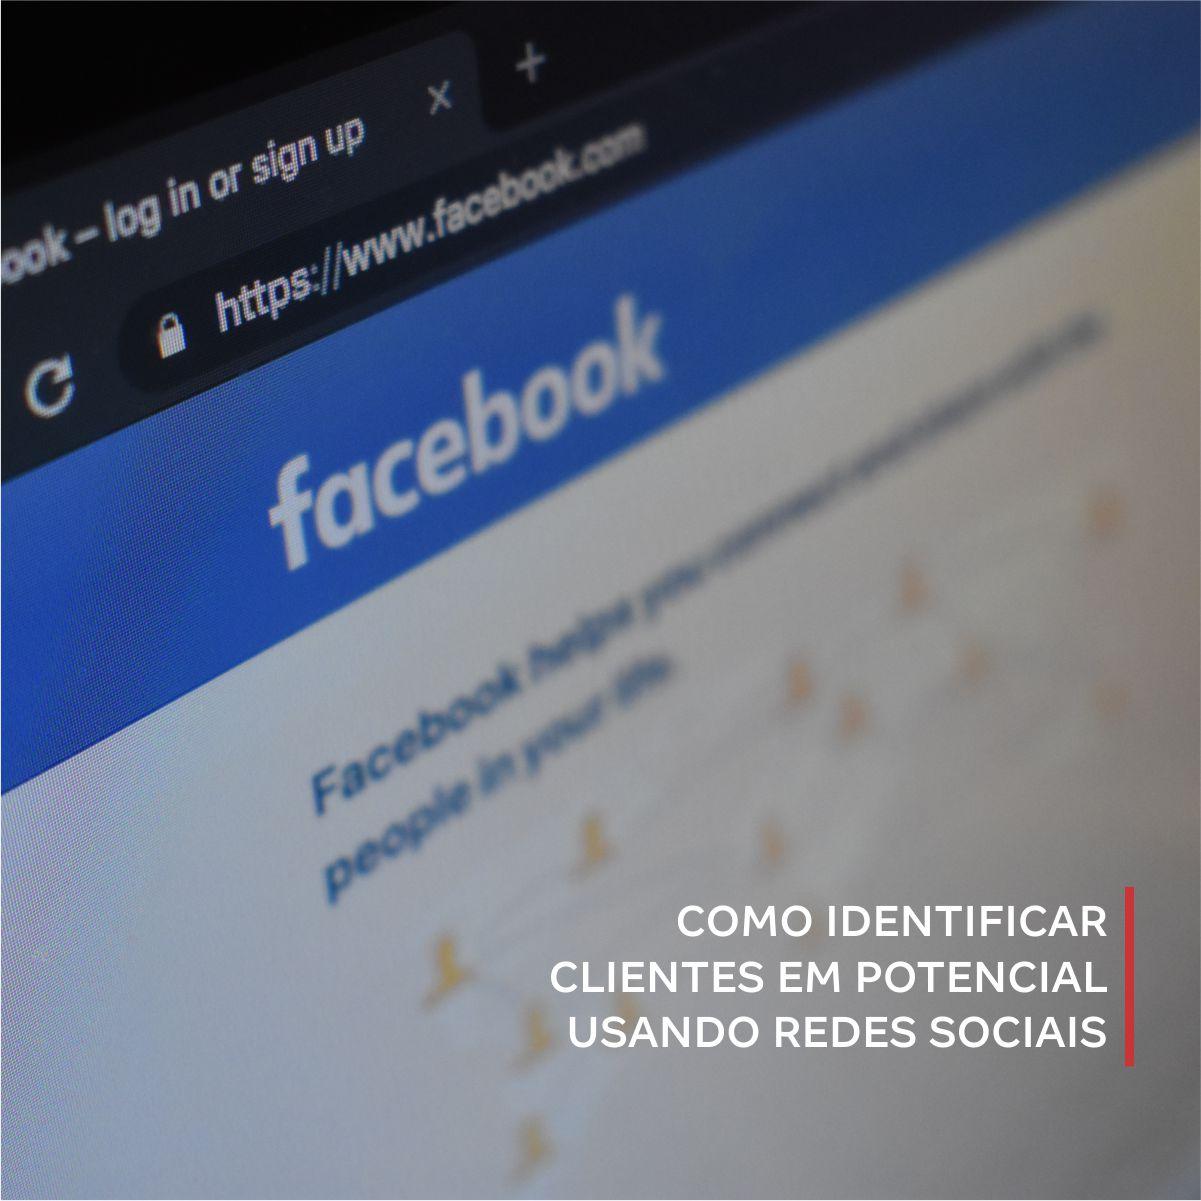 Como identificar clientes em potencial usando redes sociais